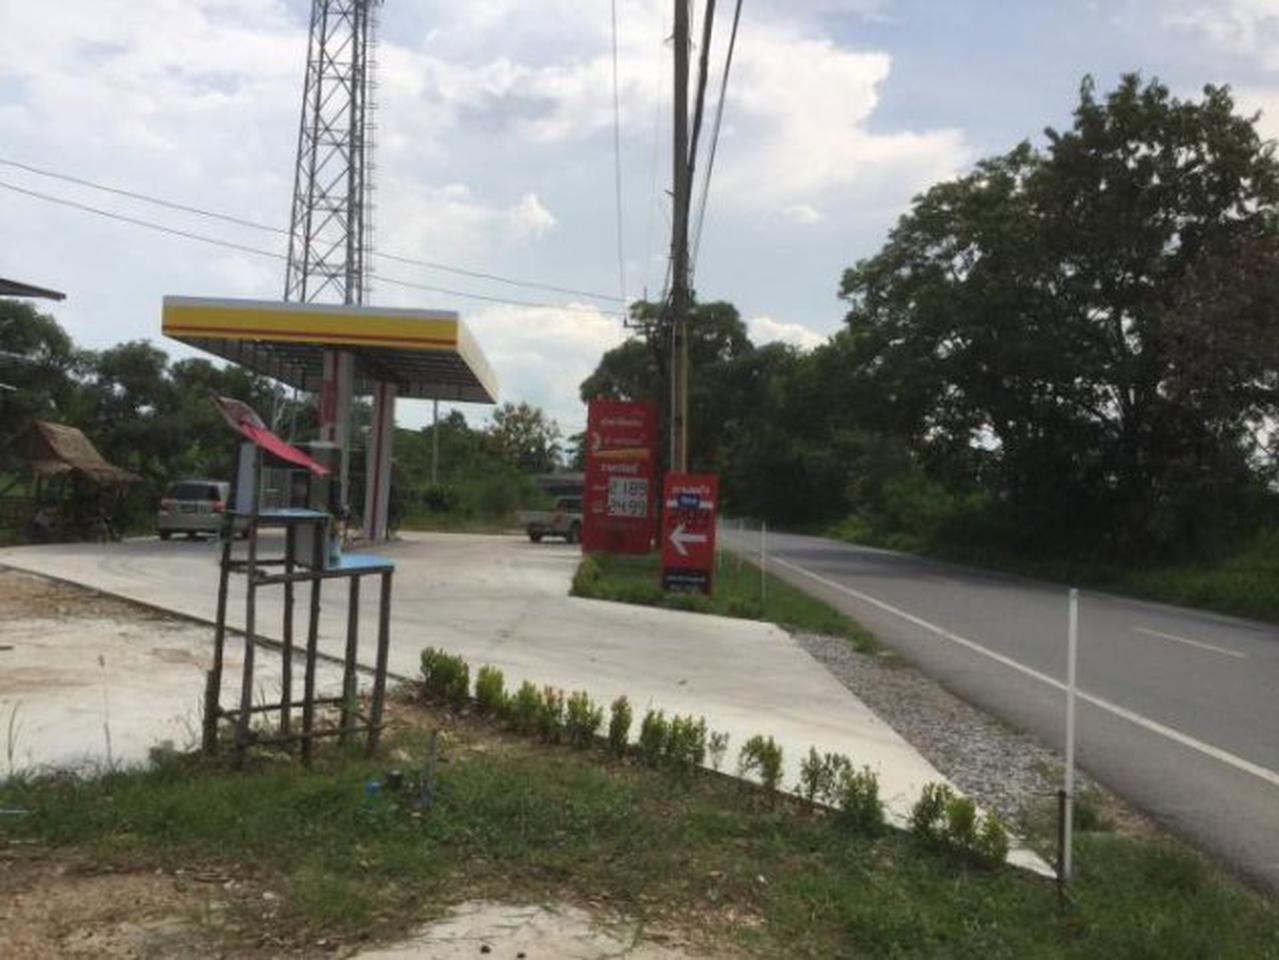 ขายที่ดิน อำเภอพนัสนิคม จังหวัดชลบุรี ติดถนนเมืองเก่า รูปที่ 3